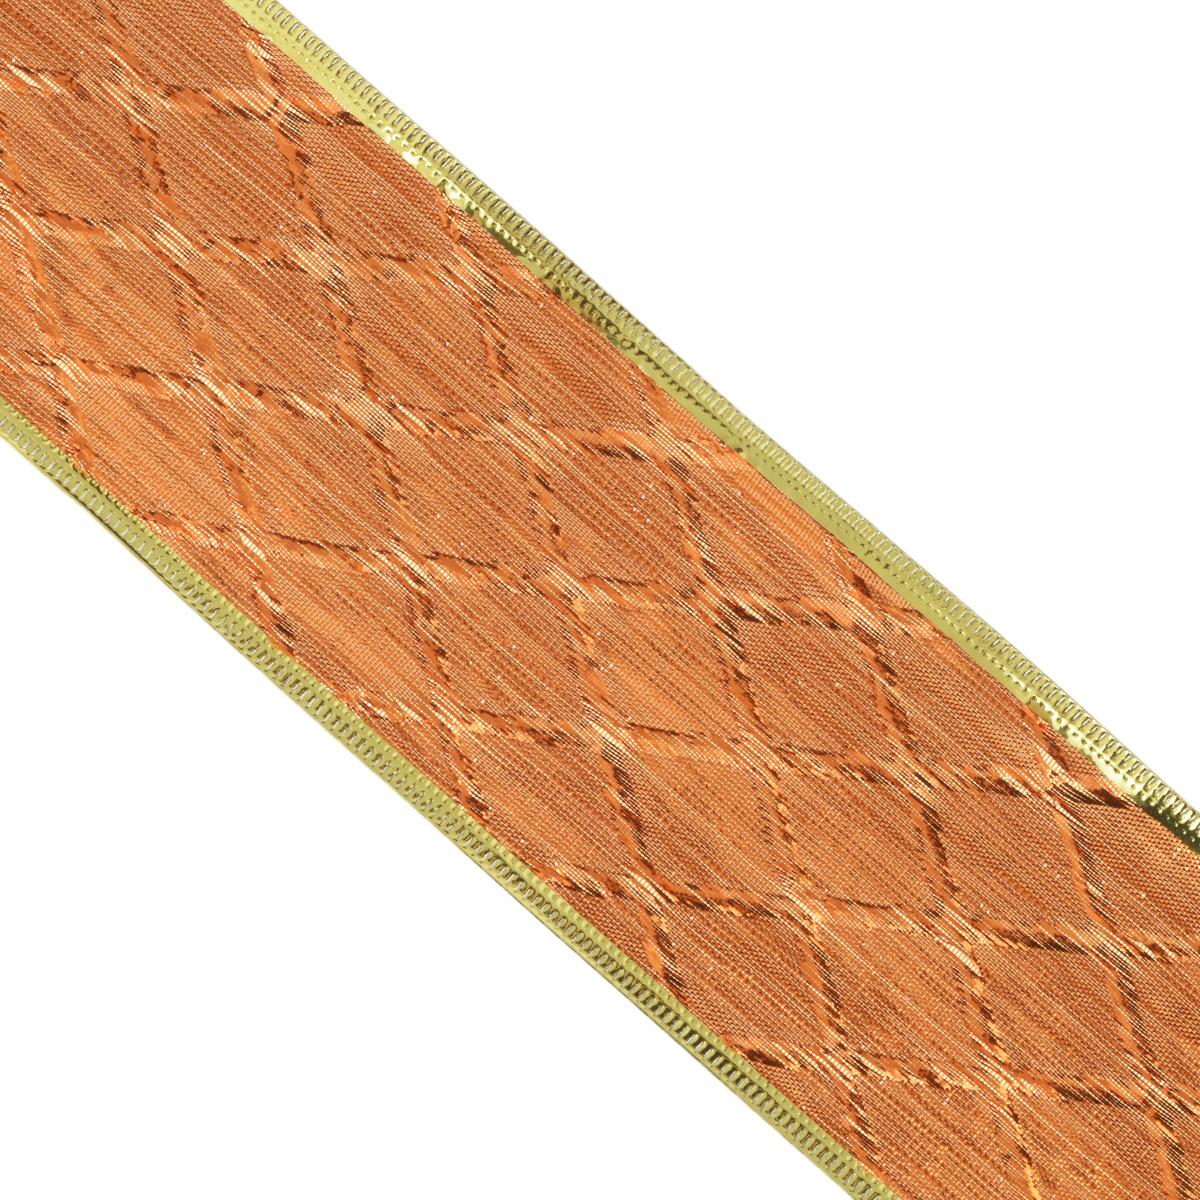 Декоративная лента Феникс-презент, цвет: бронзовый, 2,7 м. 3539035390Декоративная лента Феникс-презент выполнена из полиэстера и декорирована ромбовидным принтом. В края ленты вставлена проволока, благодаря чему ее легко фиксировать. Лента предназначена для оформления подарочных коробок, пакетов. Кроме того, декоративная лента с успехом применяется для художественного оформления витрин, праздничного оформления помещений, изготовления искусственных цветов. Декоративная лента украсит интерьер вашего дома к любым праздникам.Ширина ленты: 6,3 см.